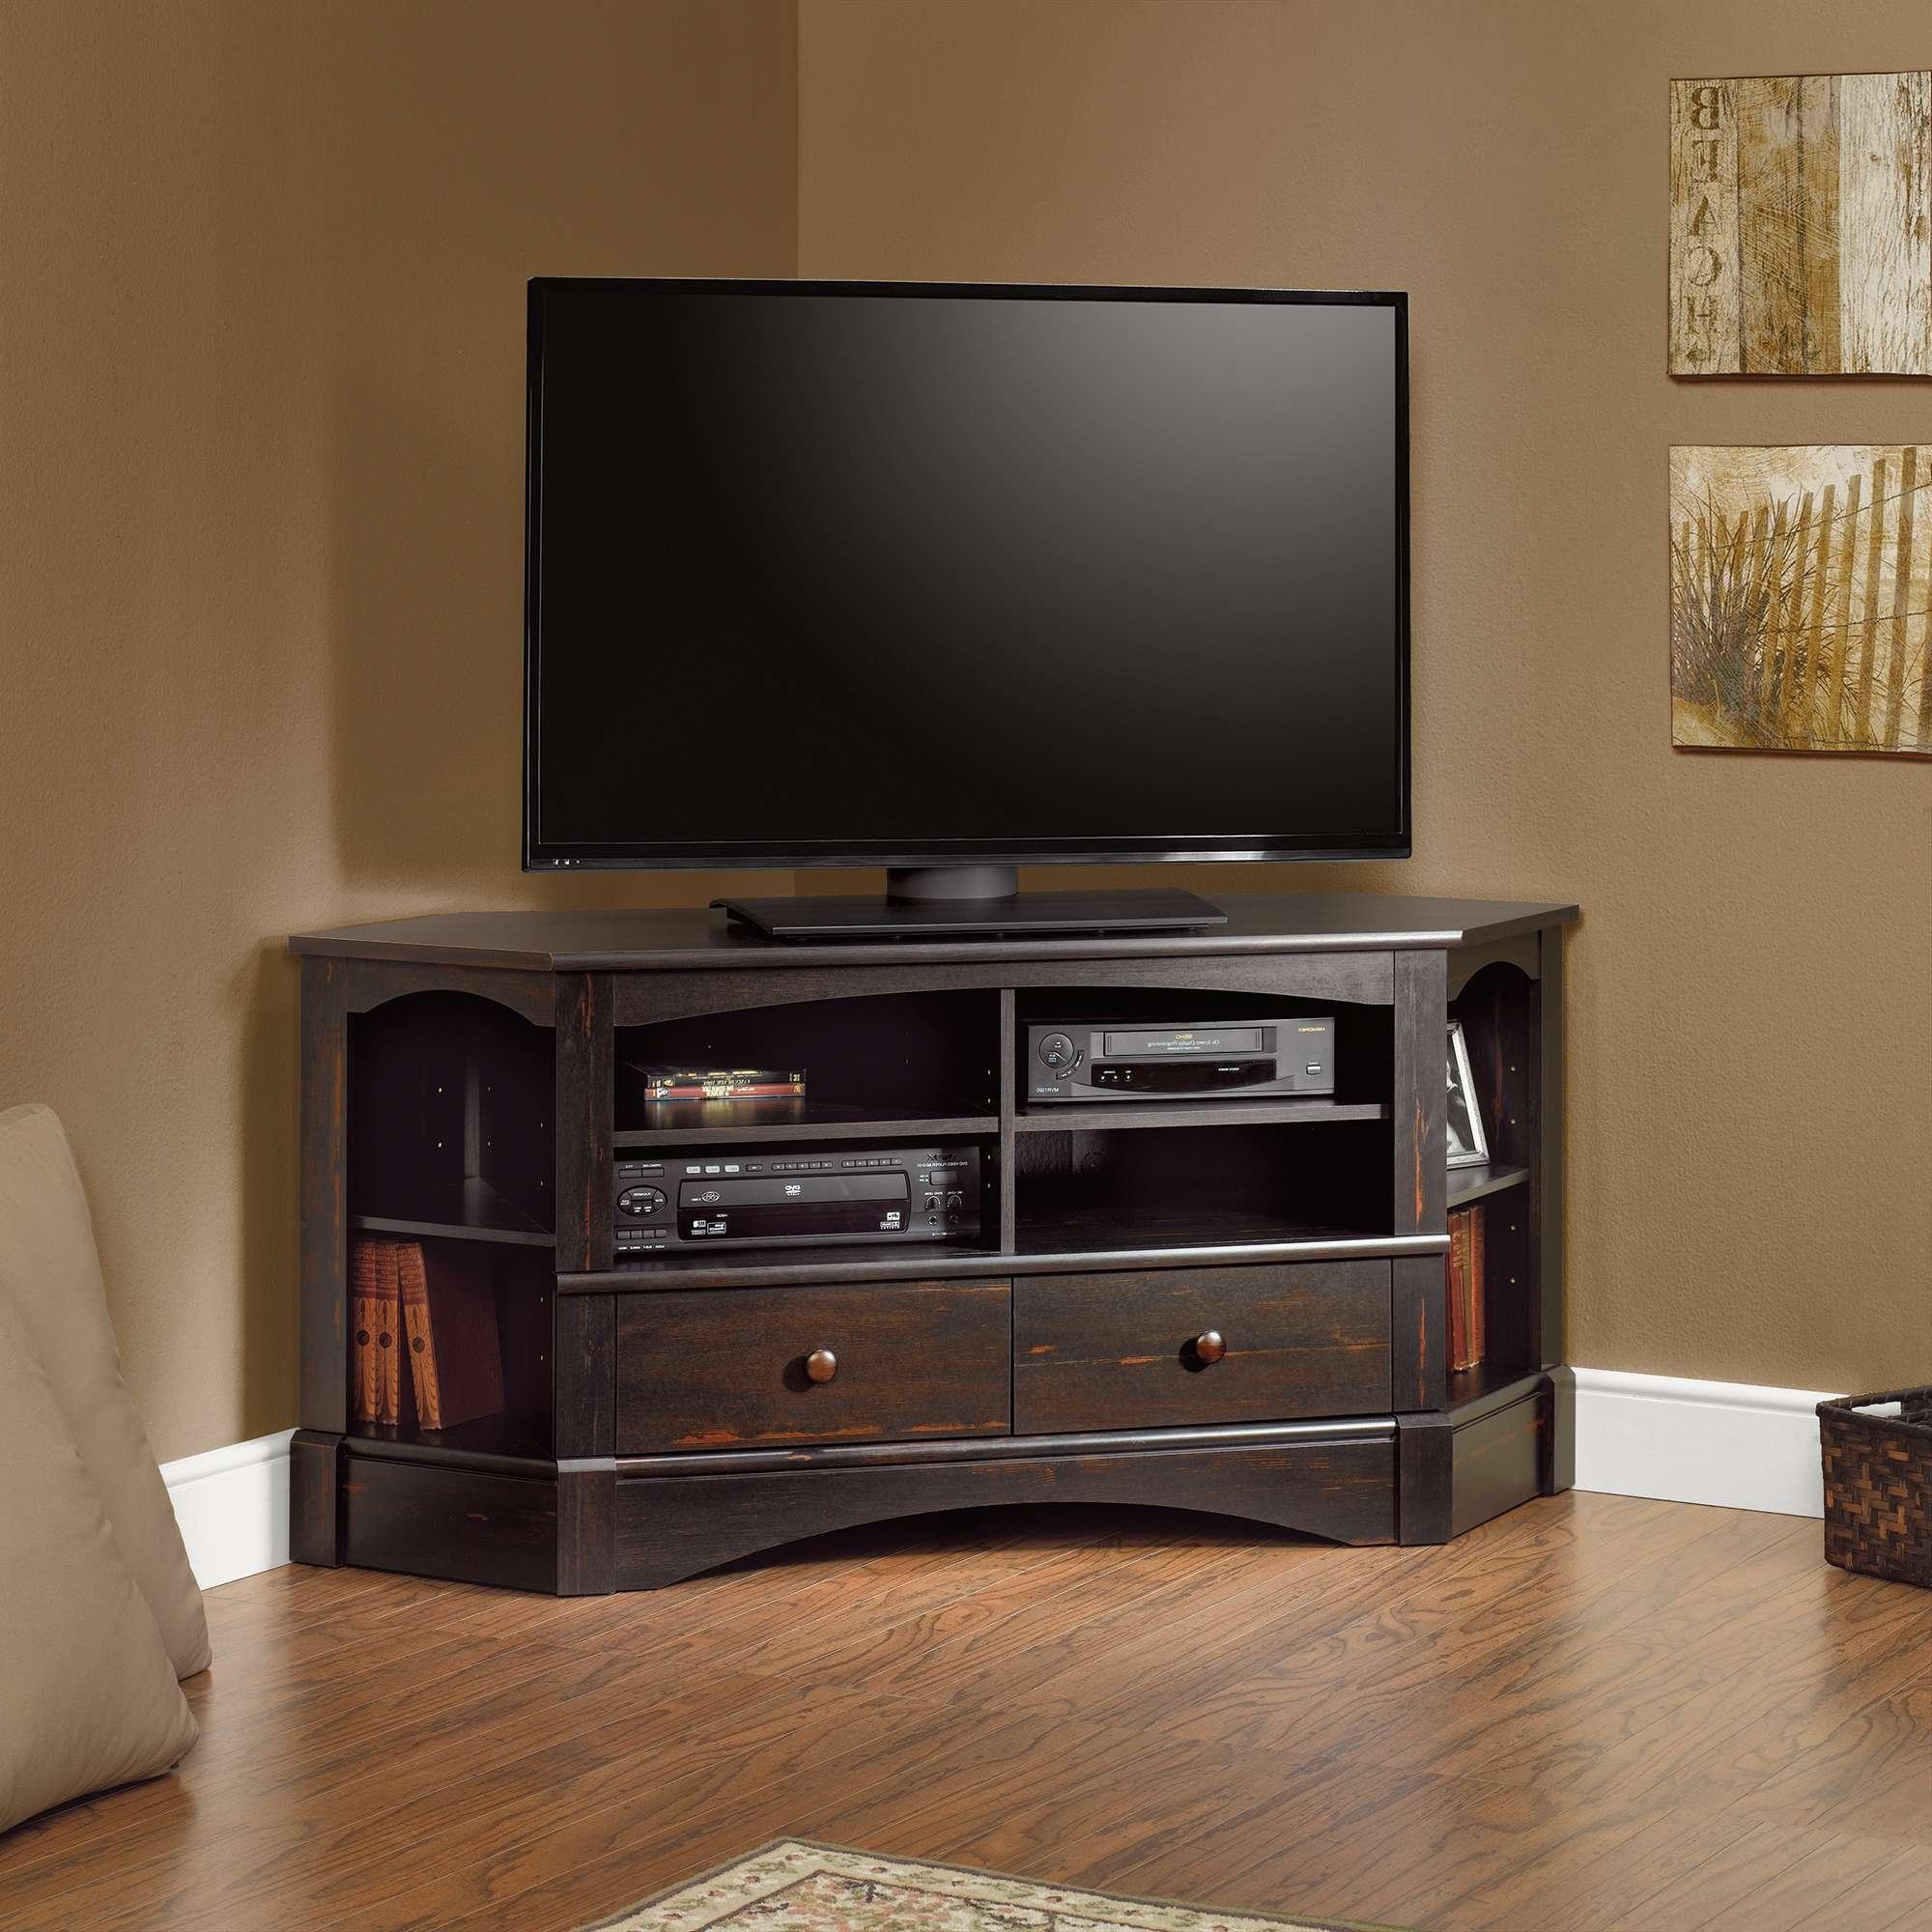 Fancy Matte Varnished Dark Oak Wood Tall Corner Tv Stand For For Dark Wood Corner Tv Stands (View 5 of 15)